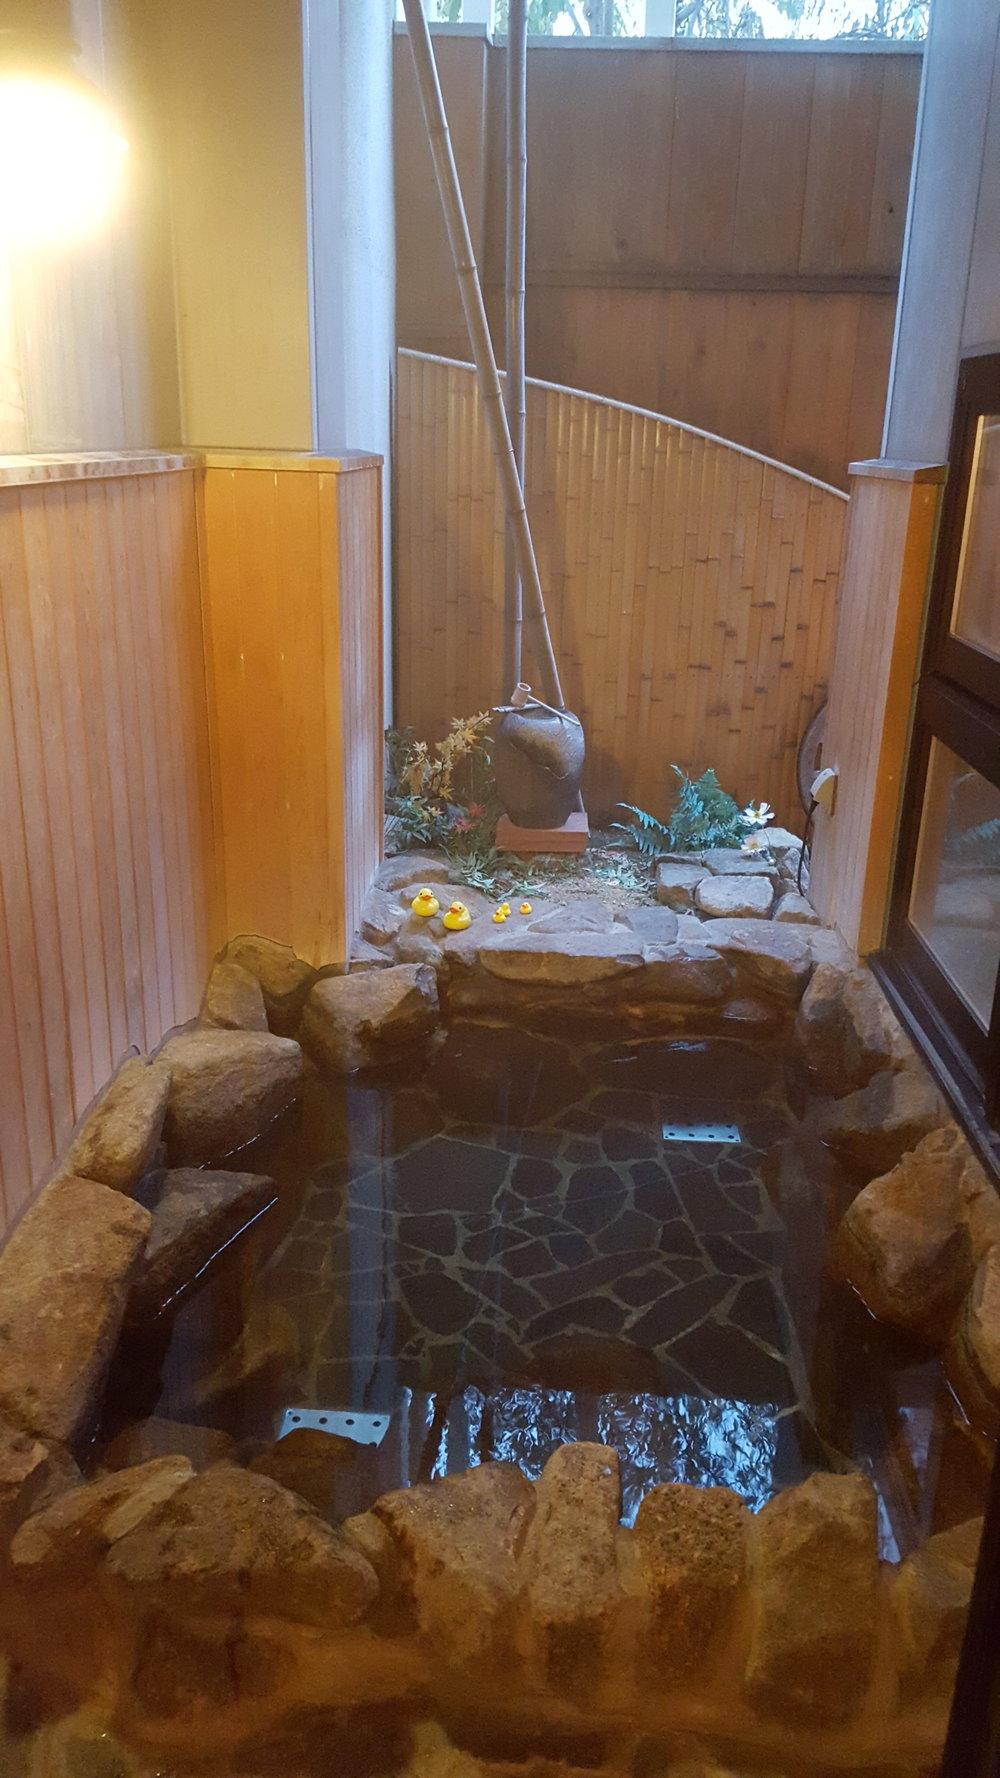 Small outdoor bath at a Ryokan